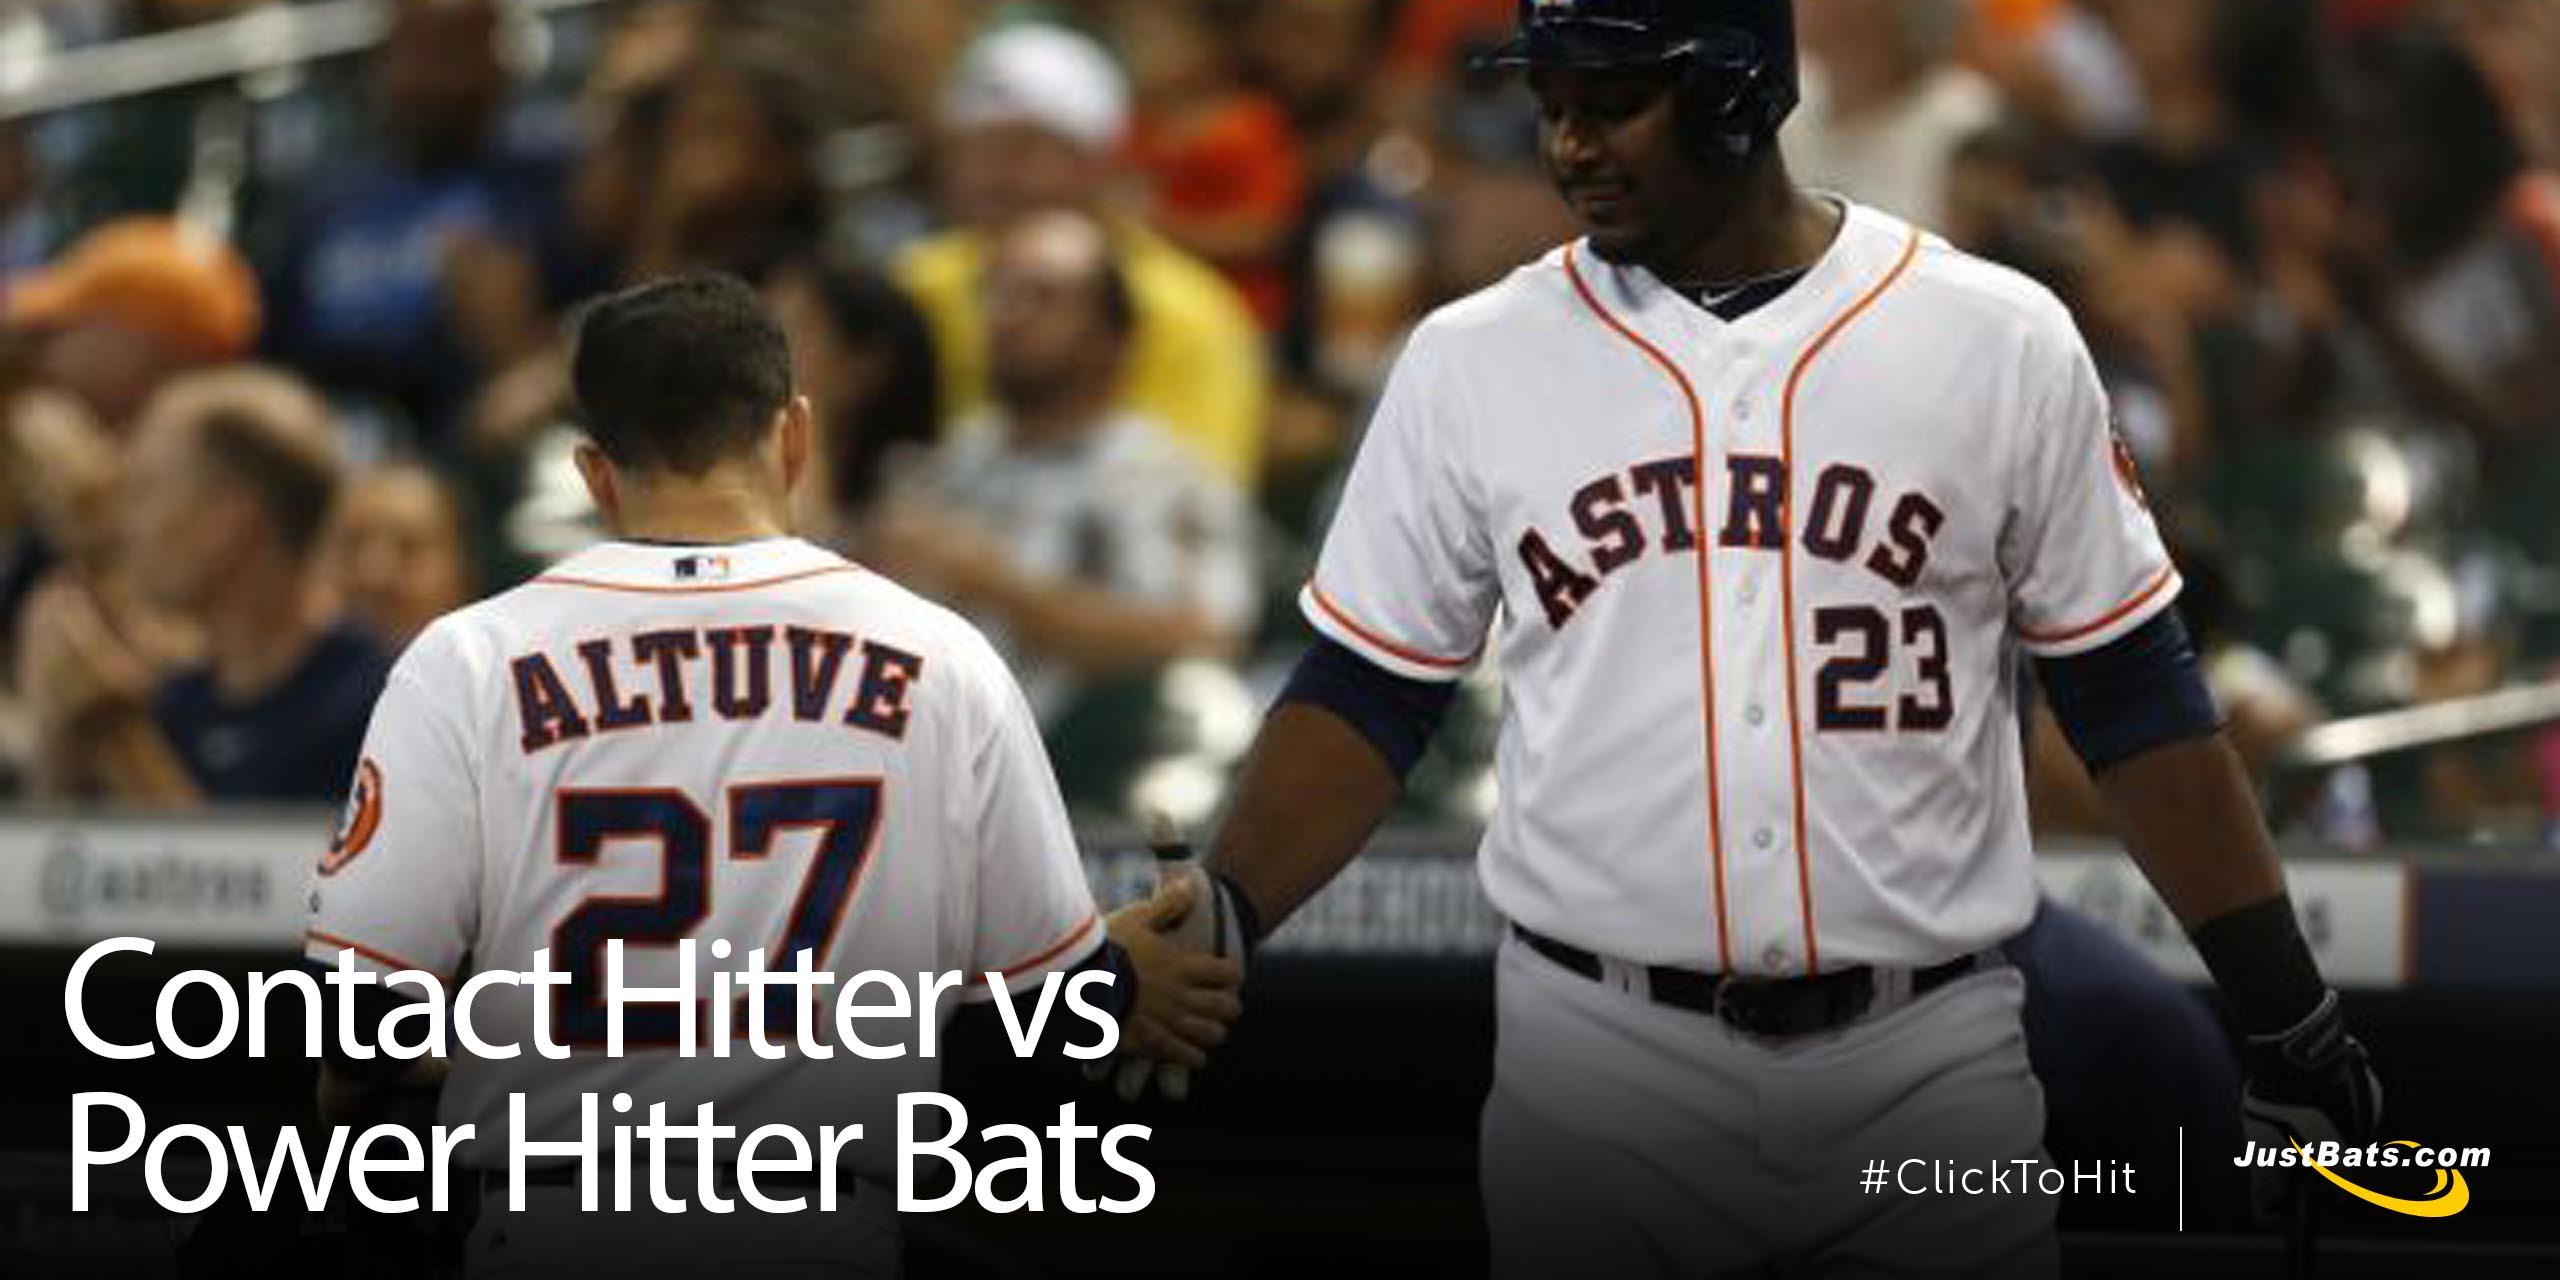 Contact Hitter vs Power Hitter Bats - Blog.jpg